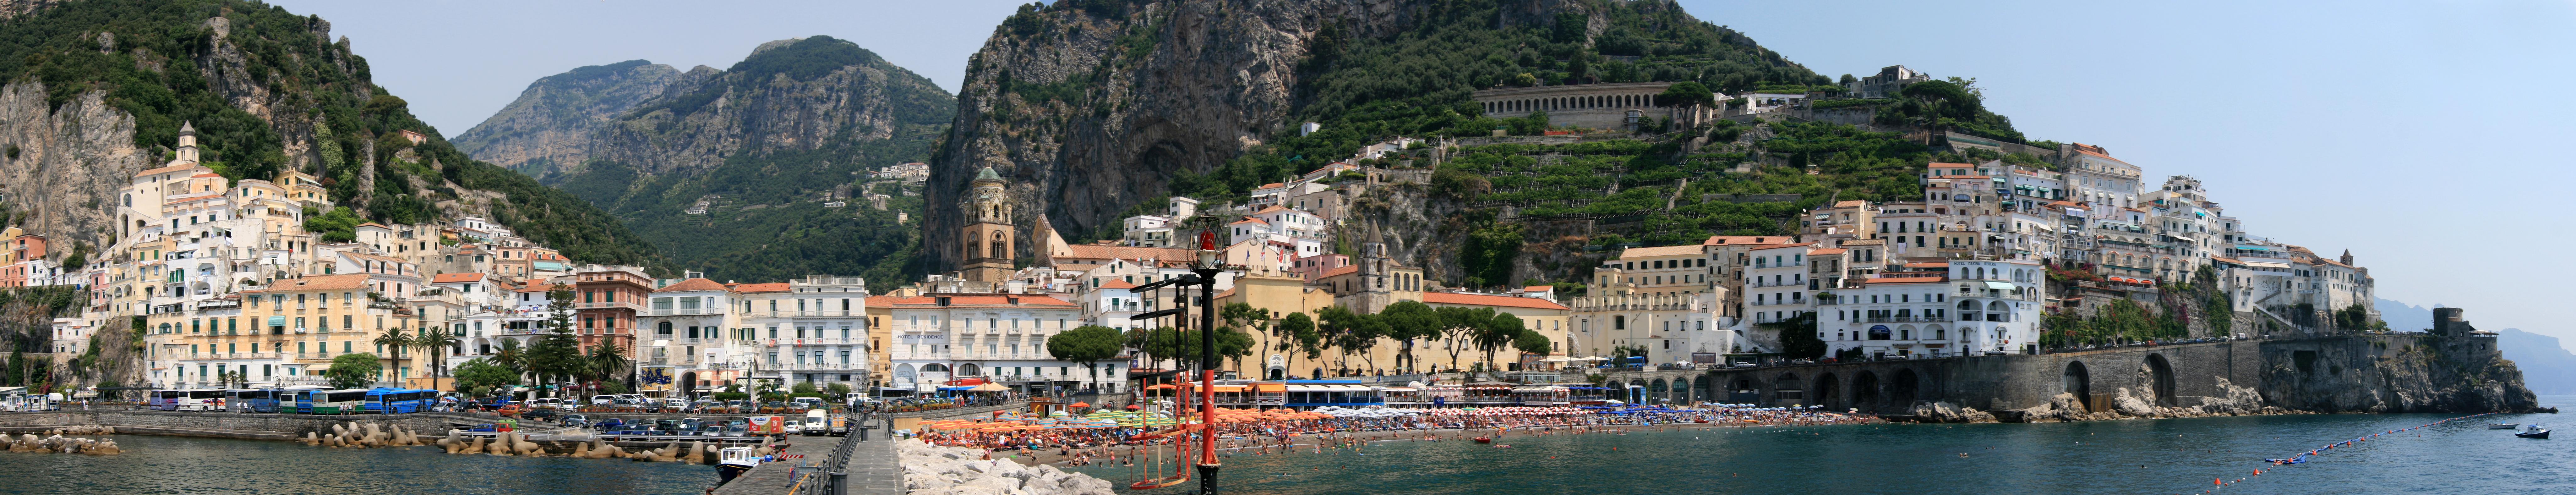 Vista panorámica de la ciudad de Amalfi, con la catedral en el centro.